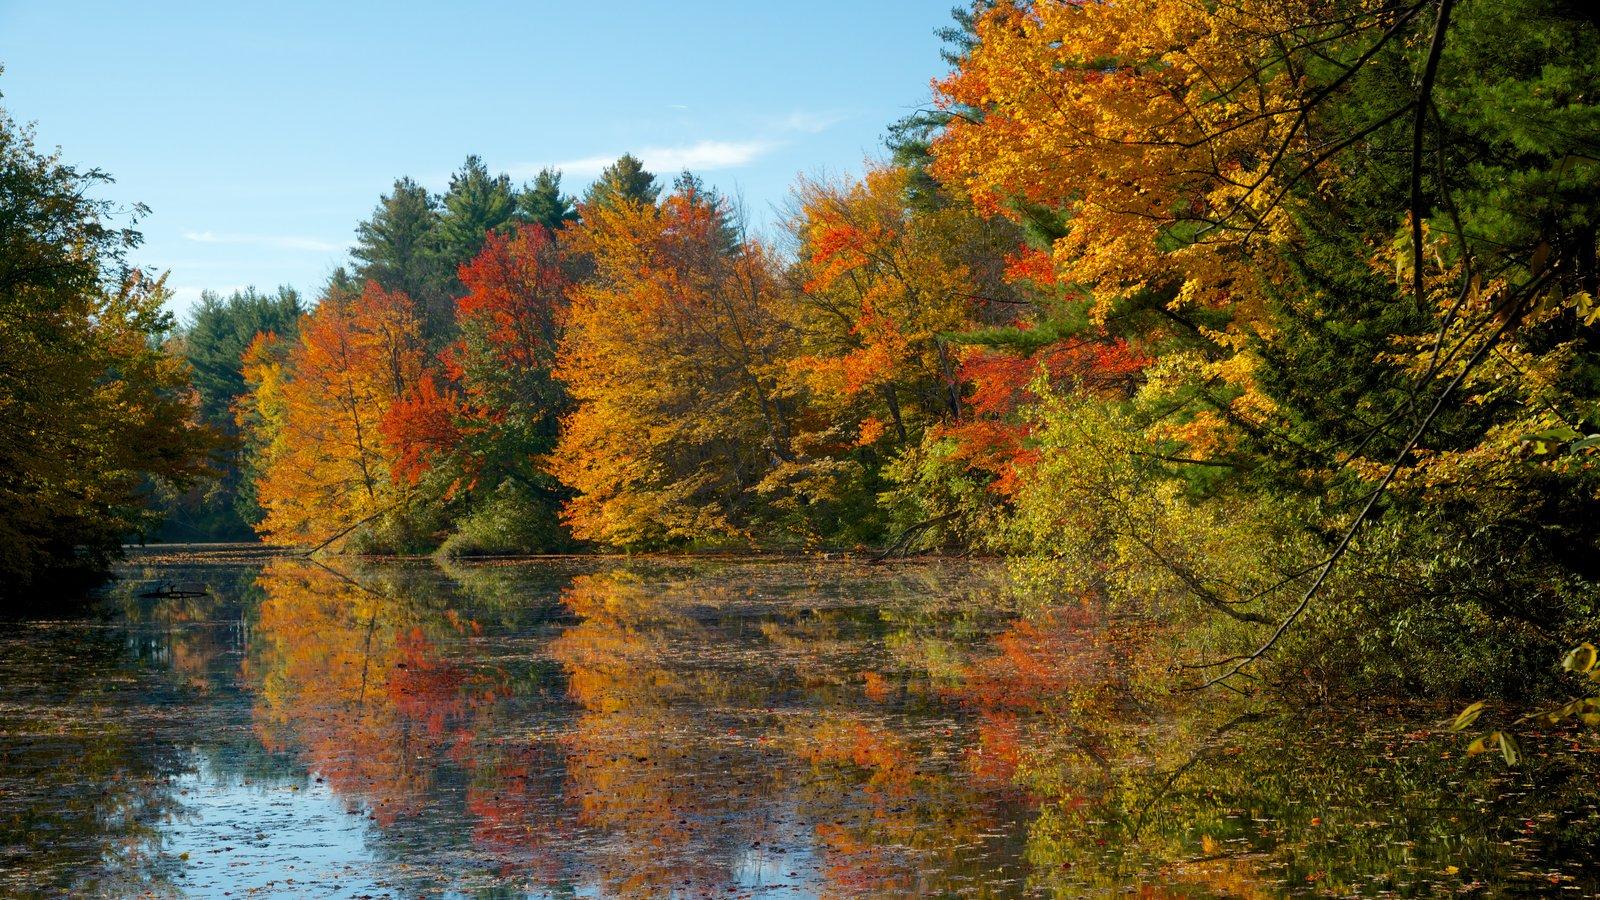 Conway mostrando un lago o abrevadero y hojas de otoño